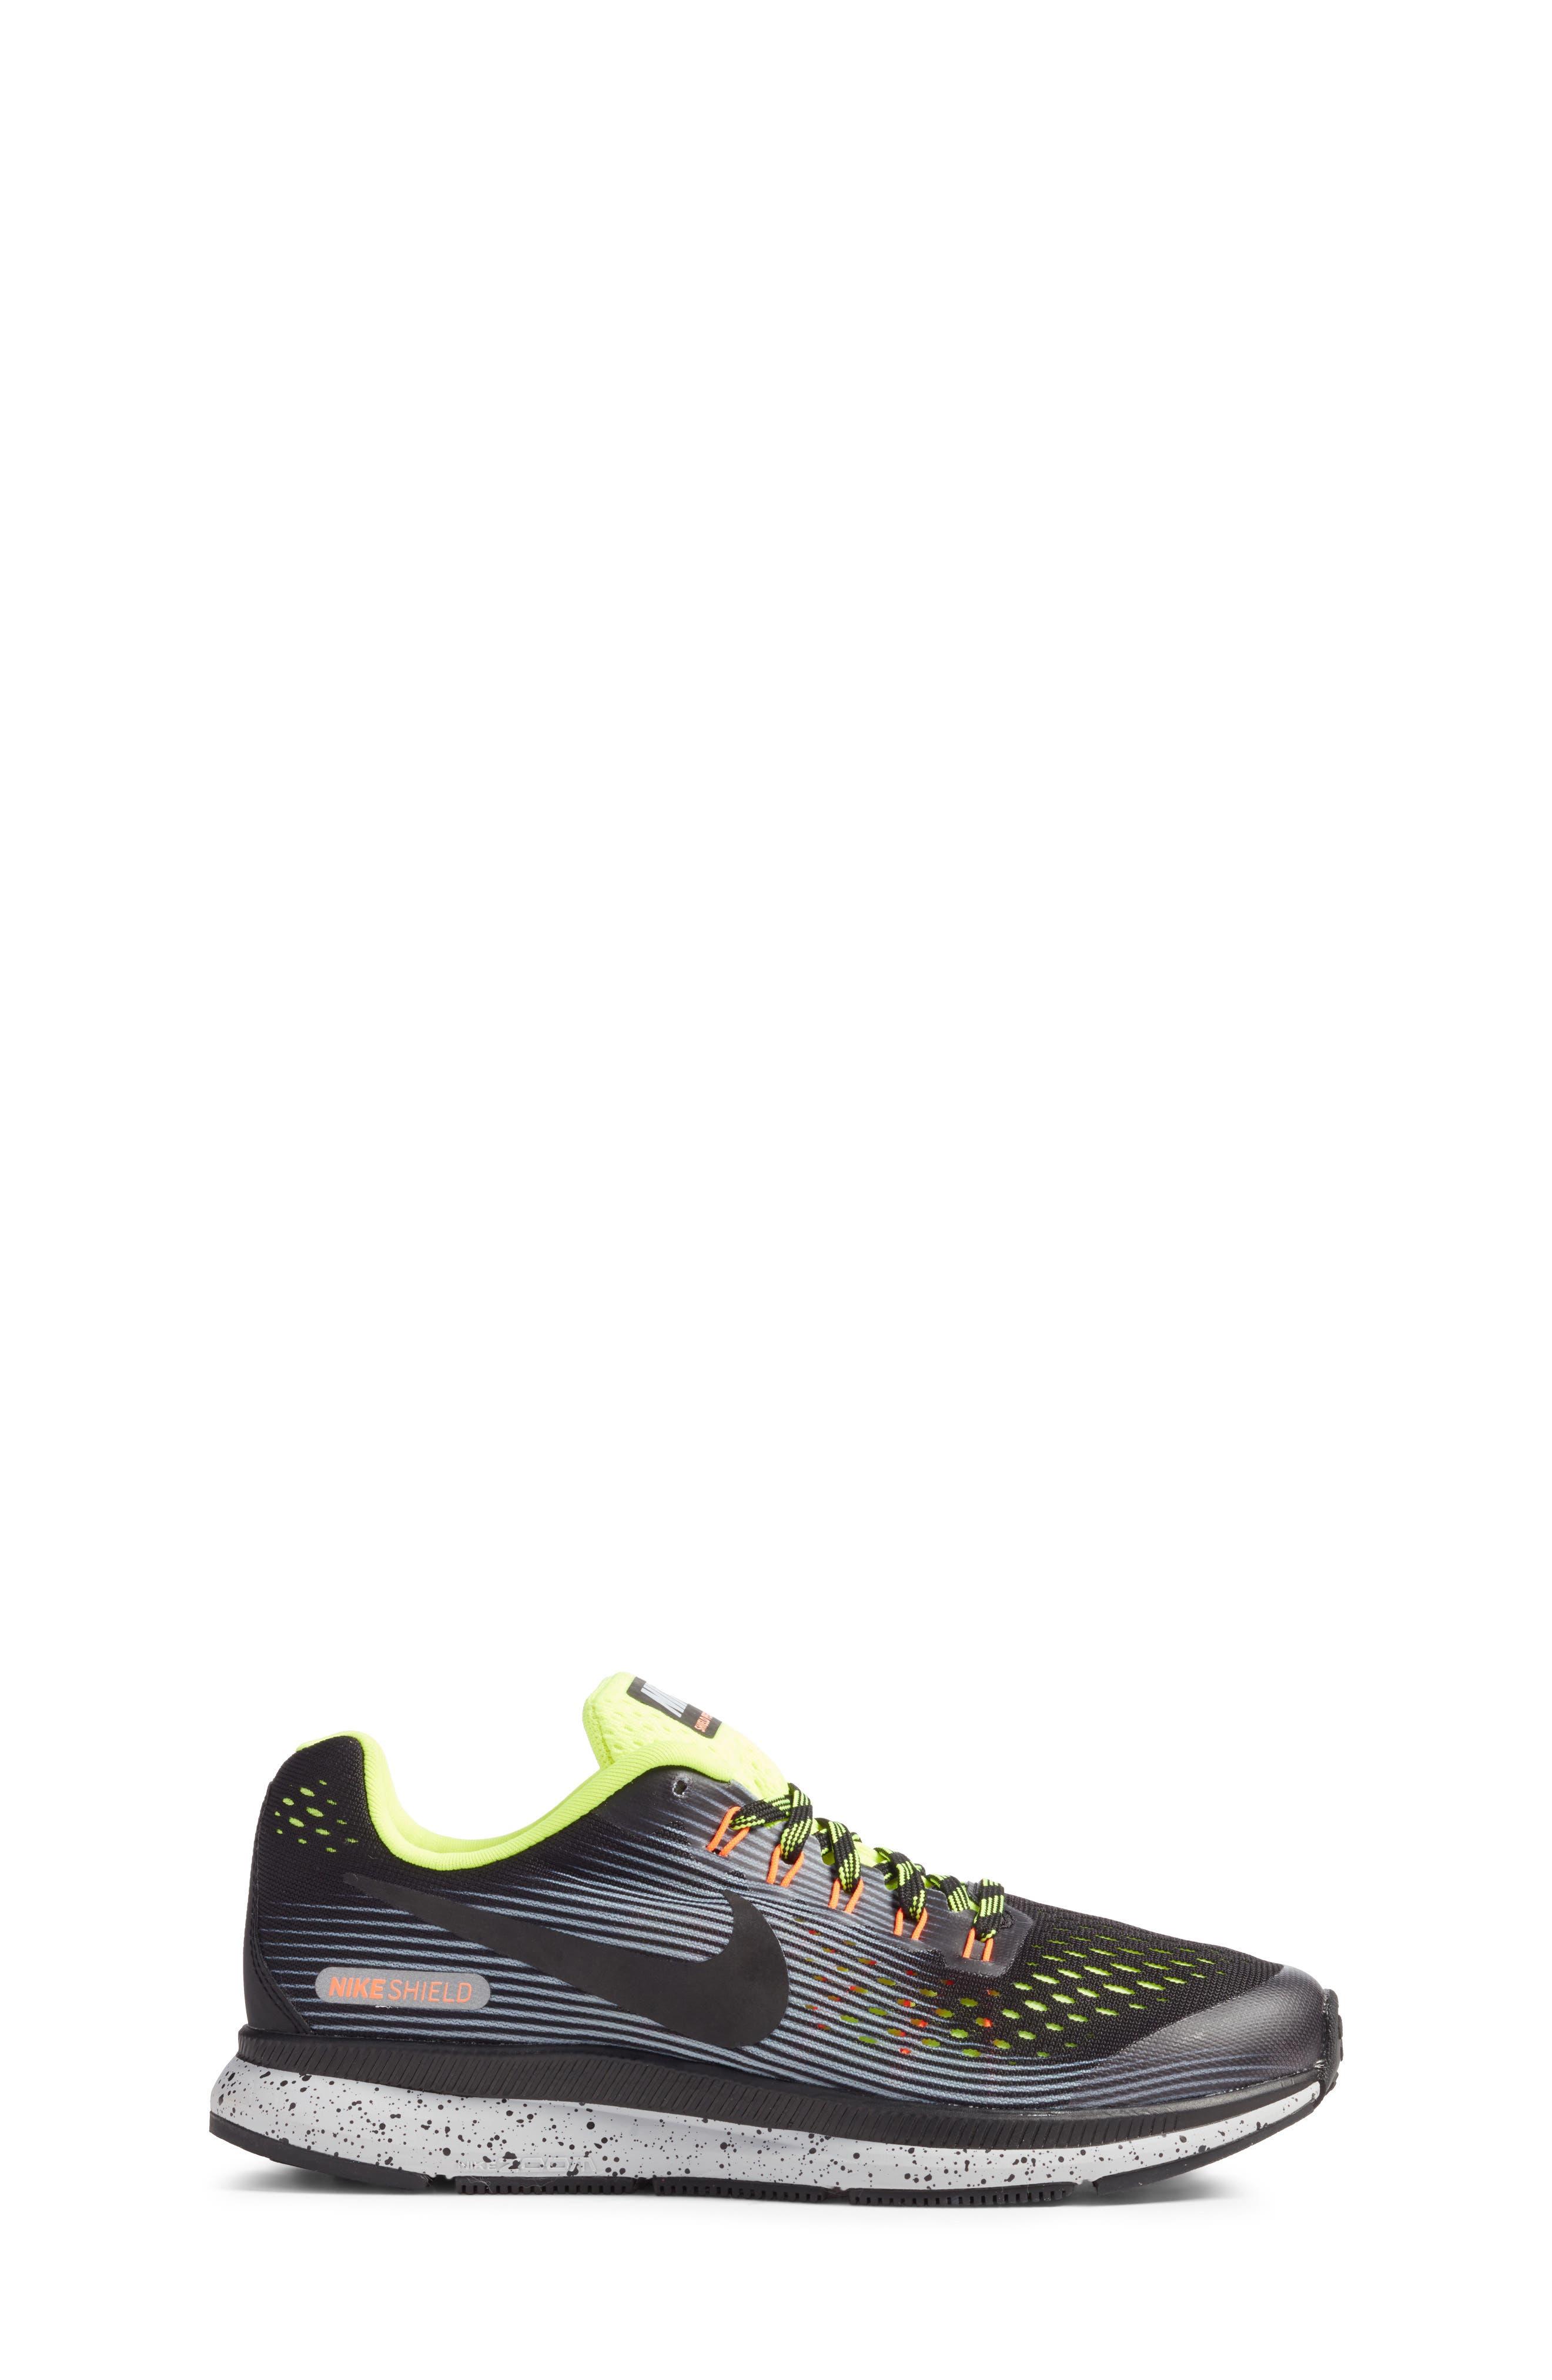 Alternate Image 3  - Nike Zoom Pegasus 34 Shield GS Sneaker (Little Kid & Big Kid)